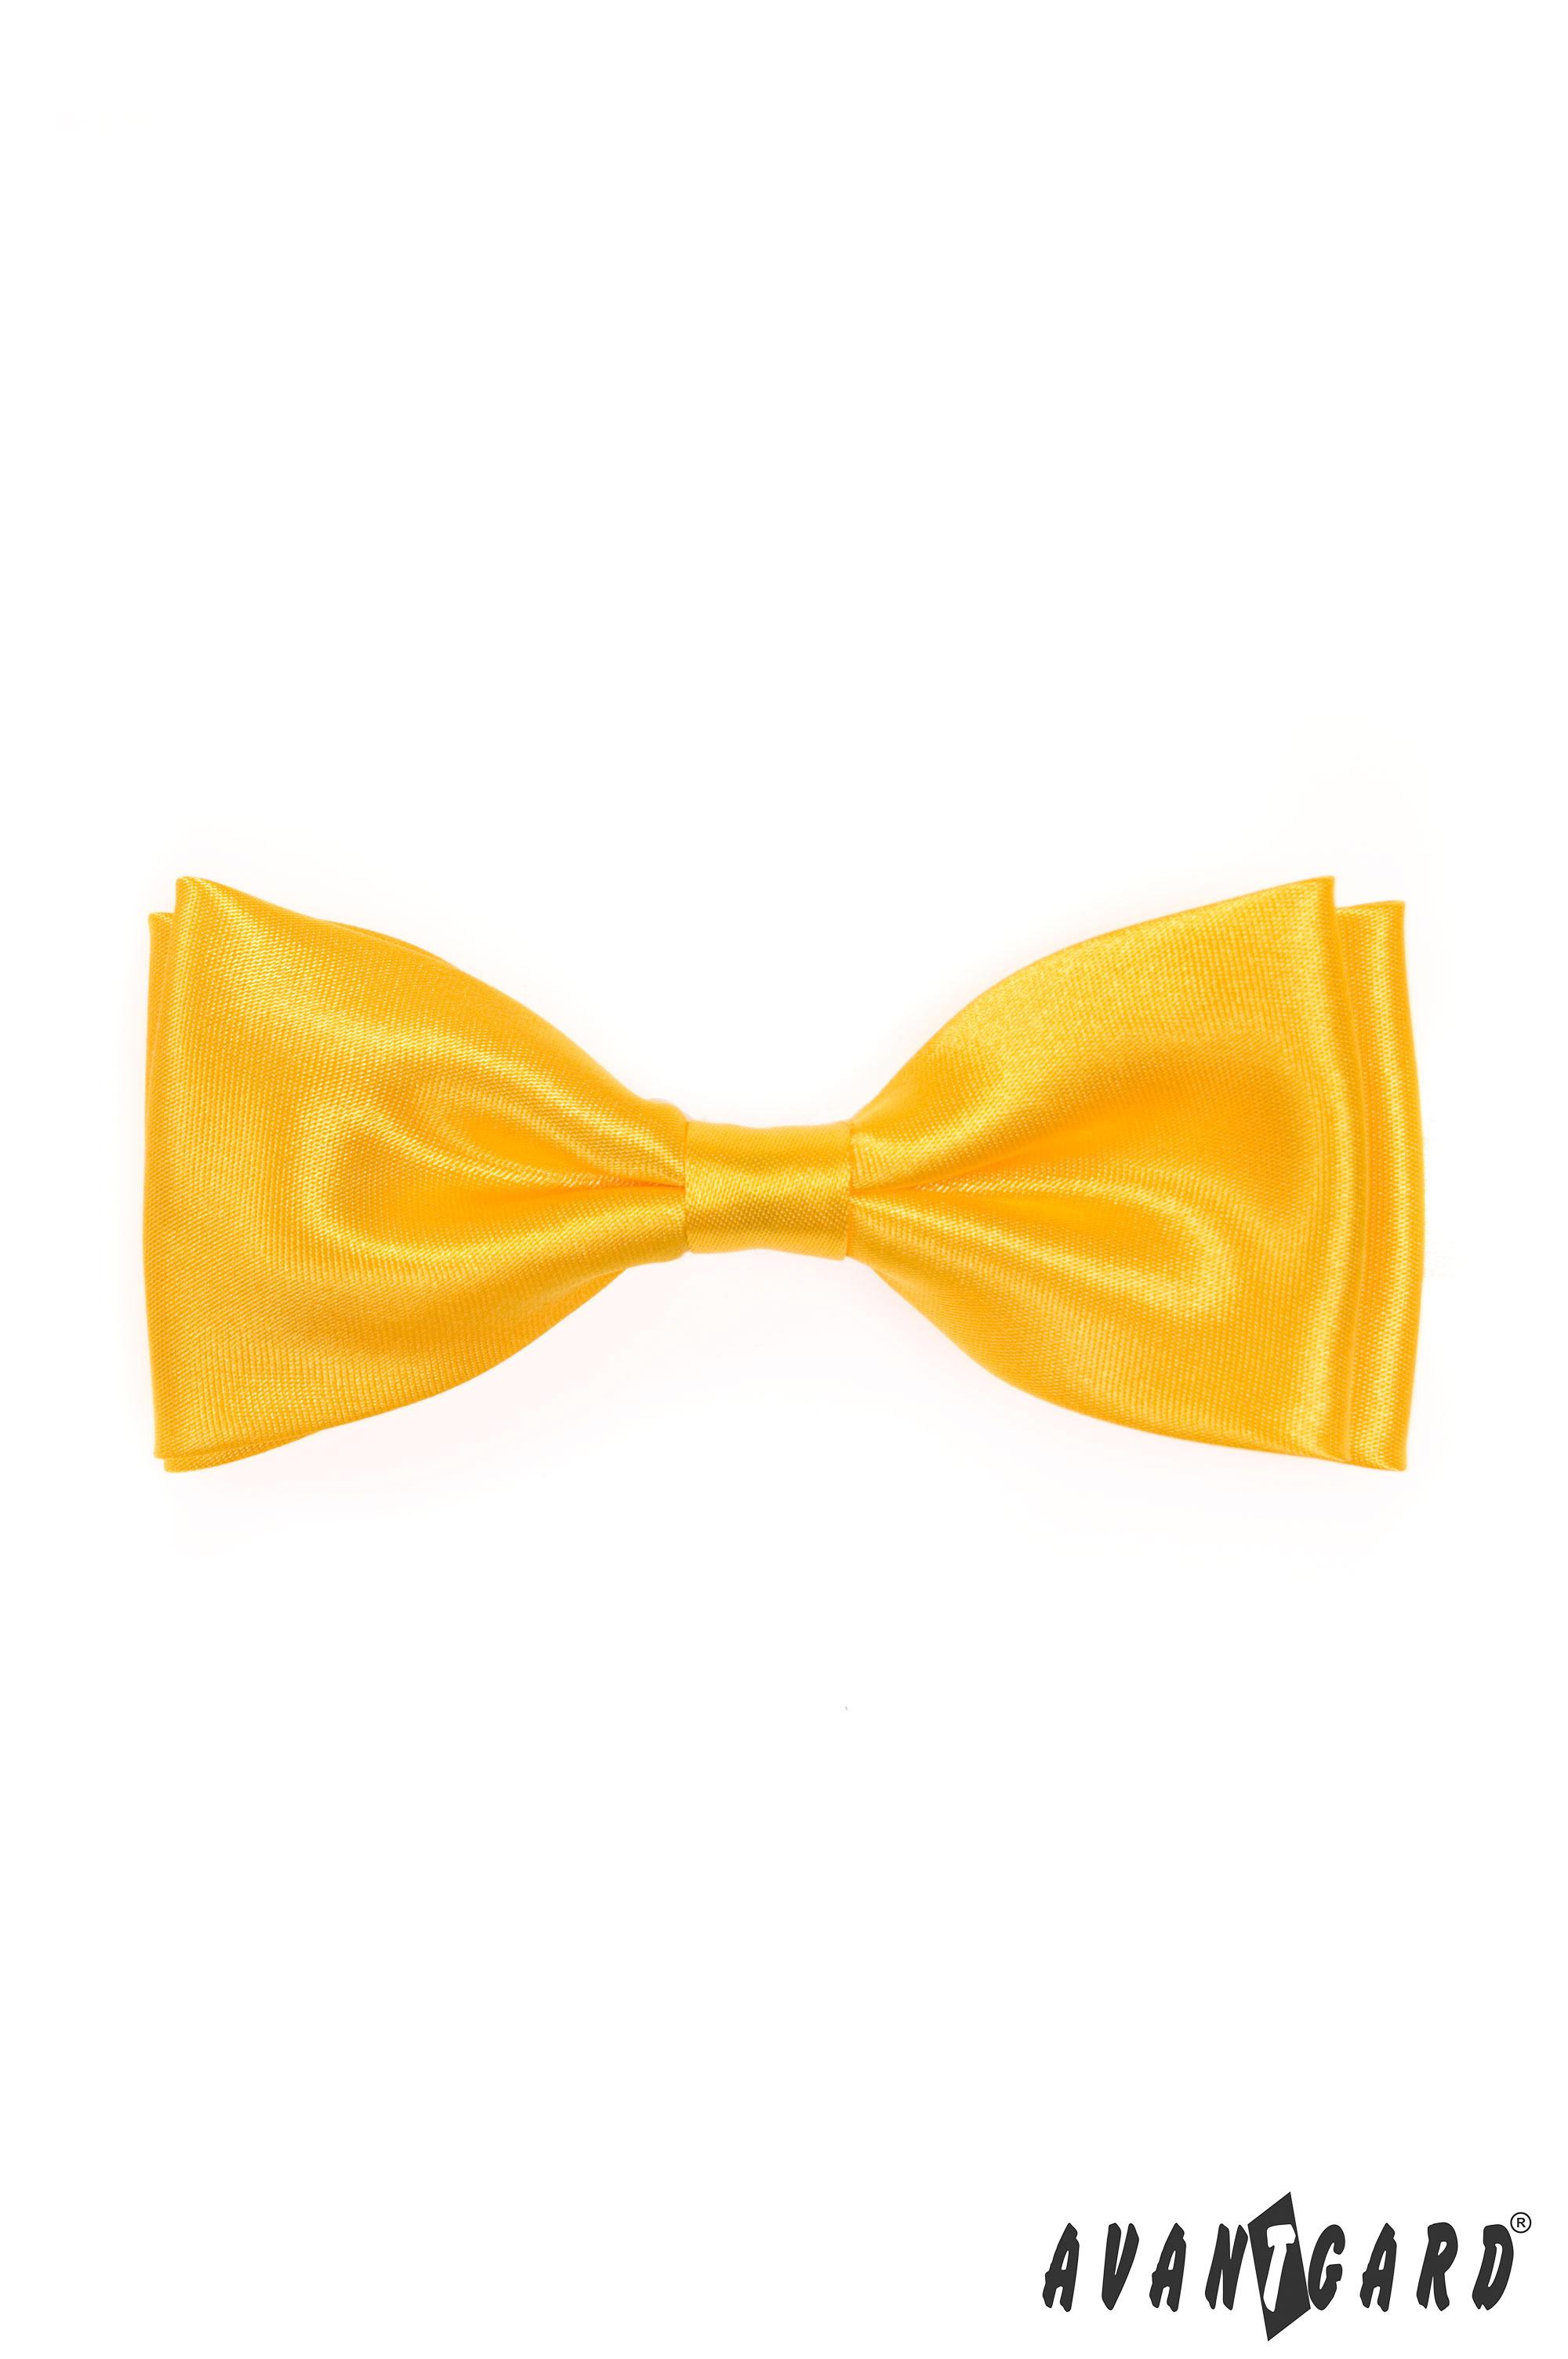 Avantgard Motýlek pánský 770 Žlutá